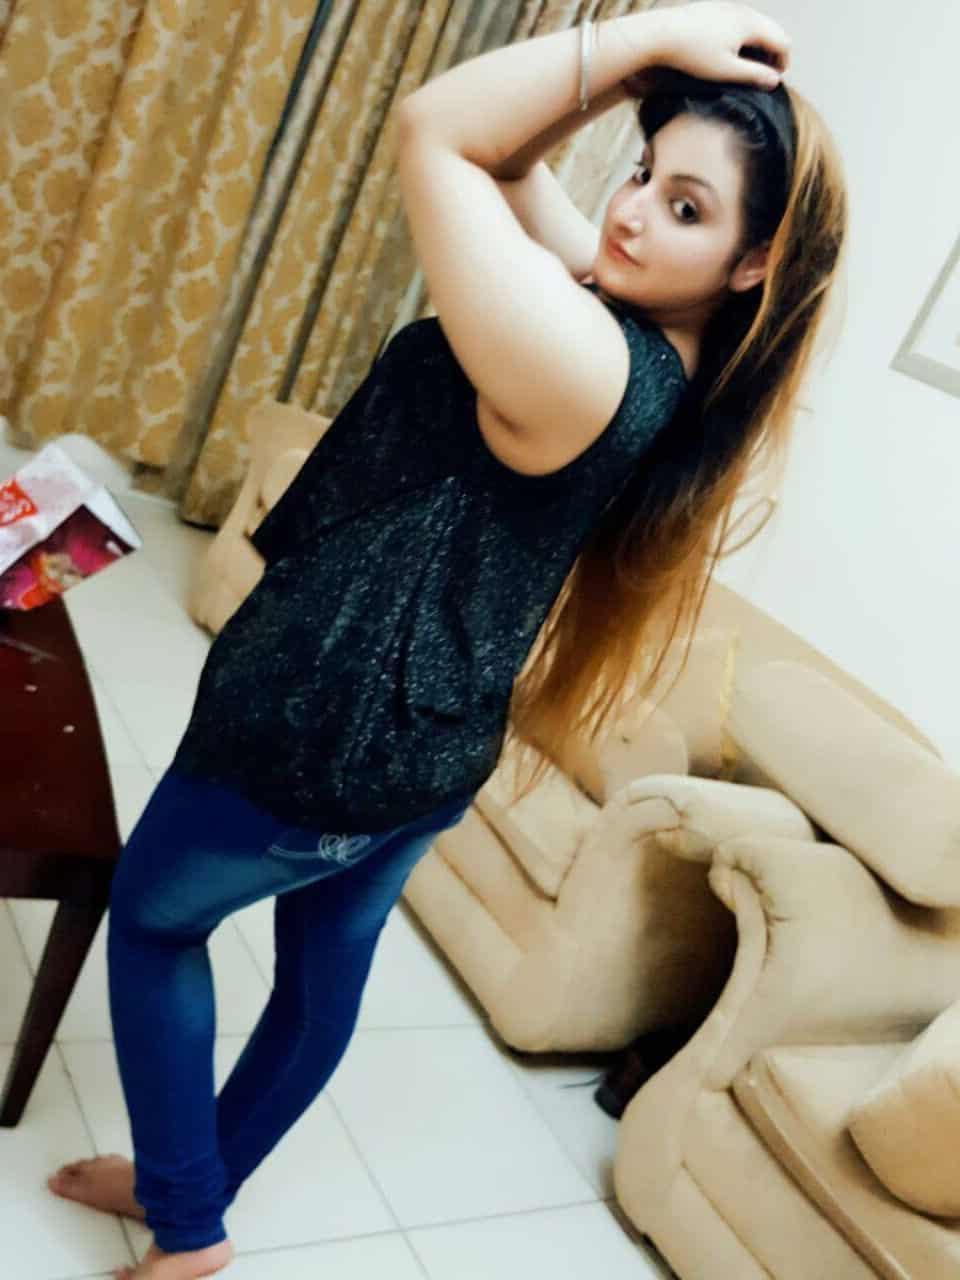 Qatar escort girl Yvonne